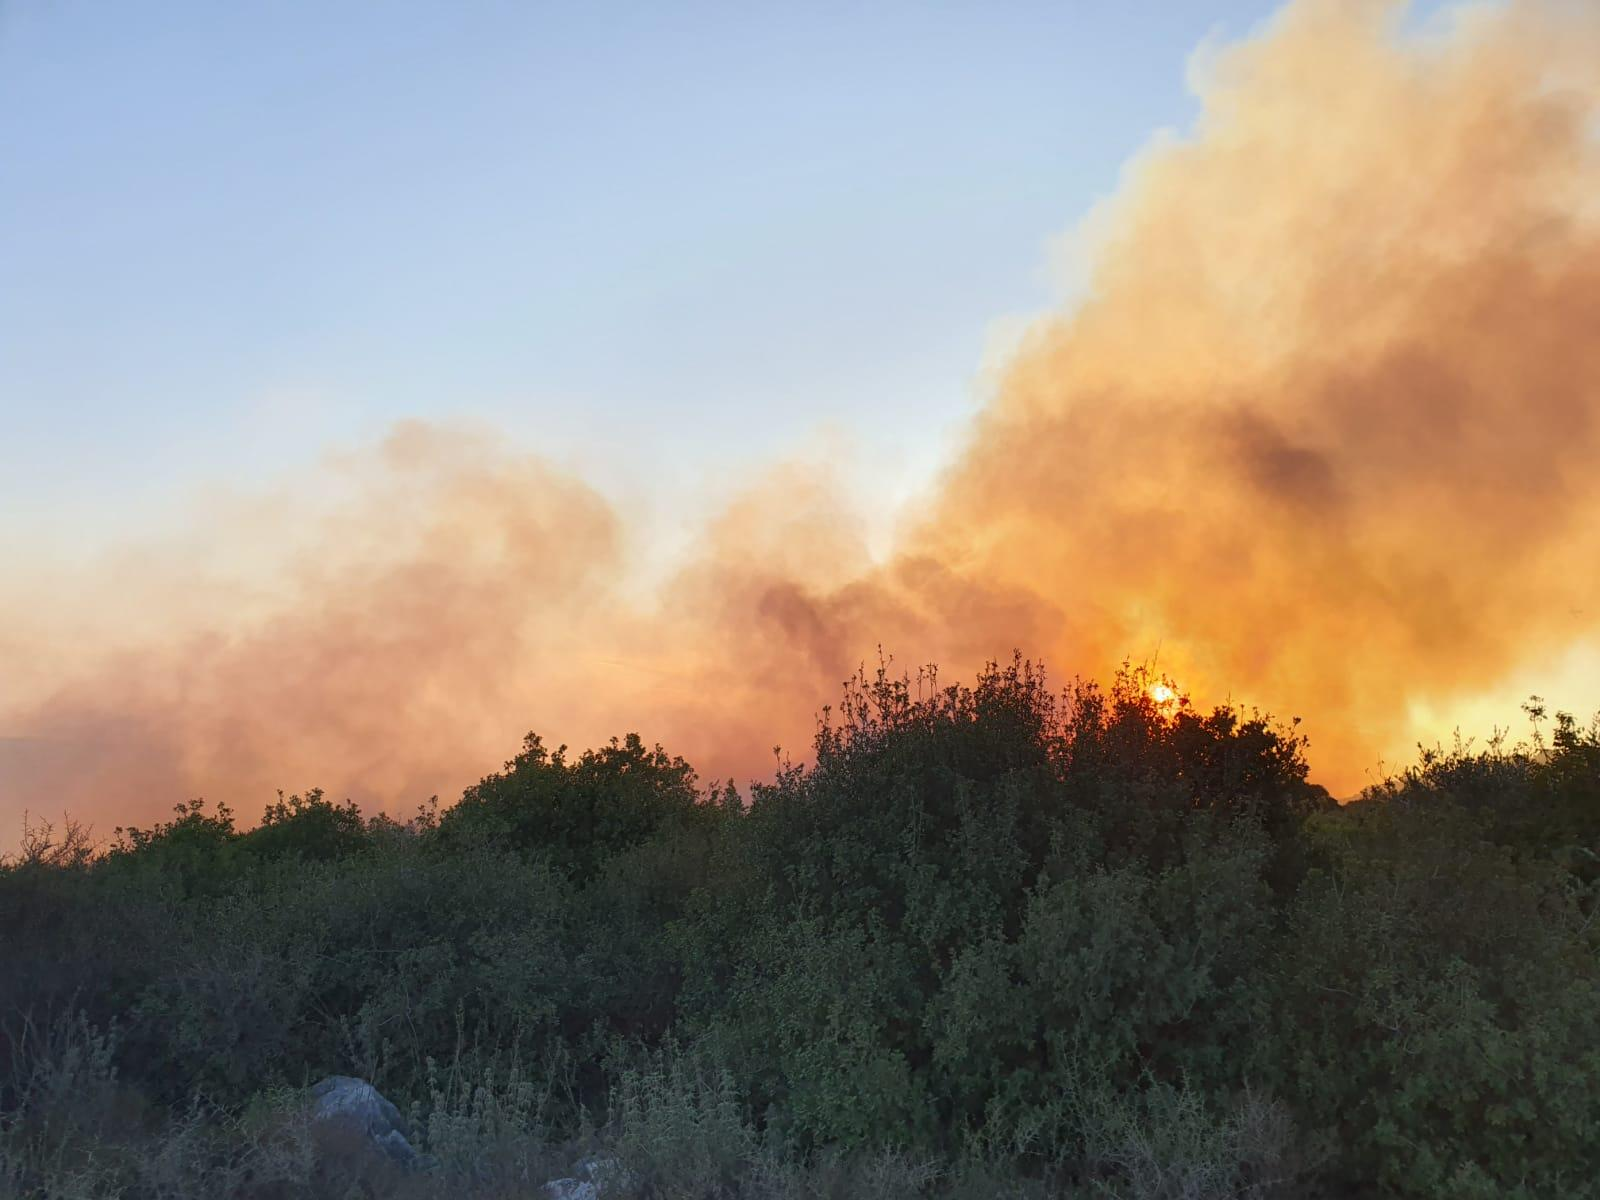 حريق هائل وإغلاق شارع في منطقة الشاغور